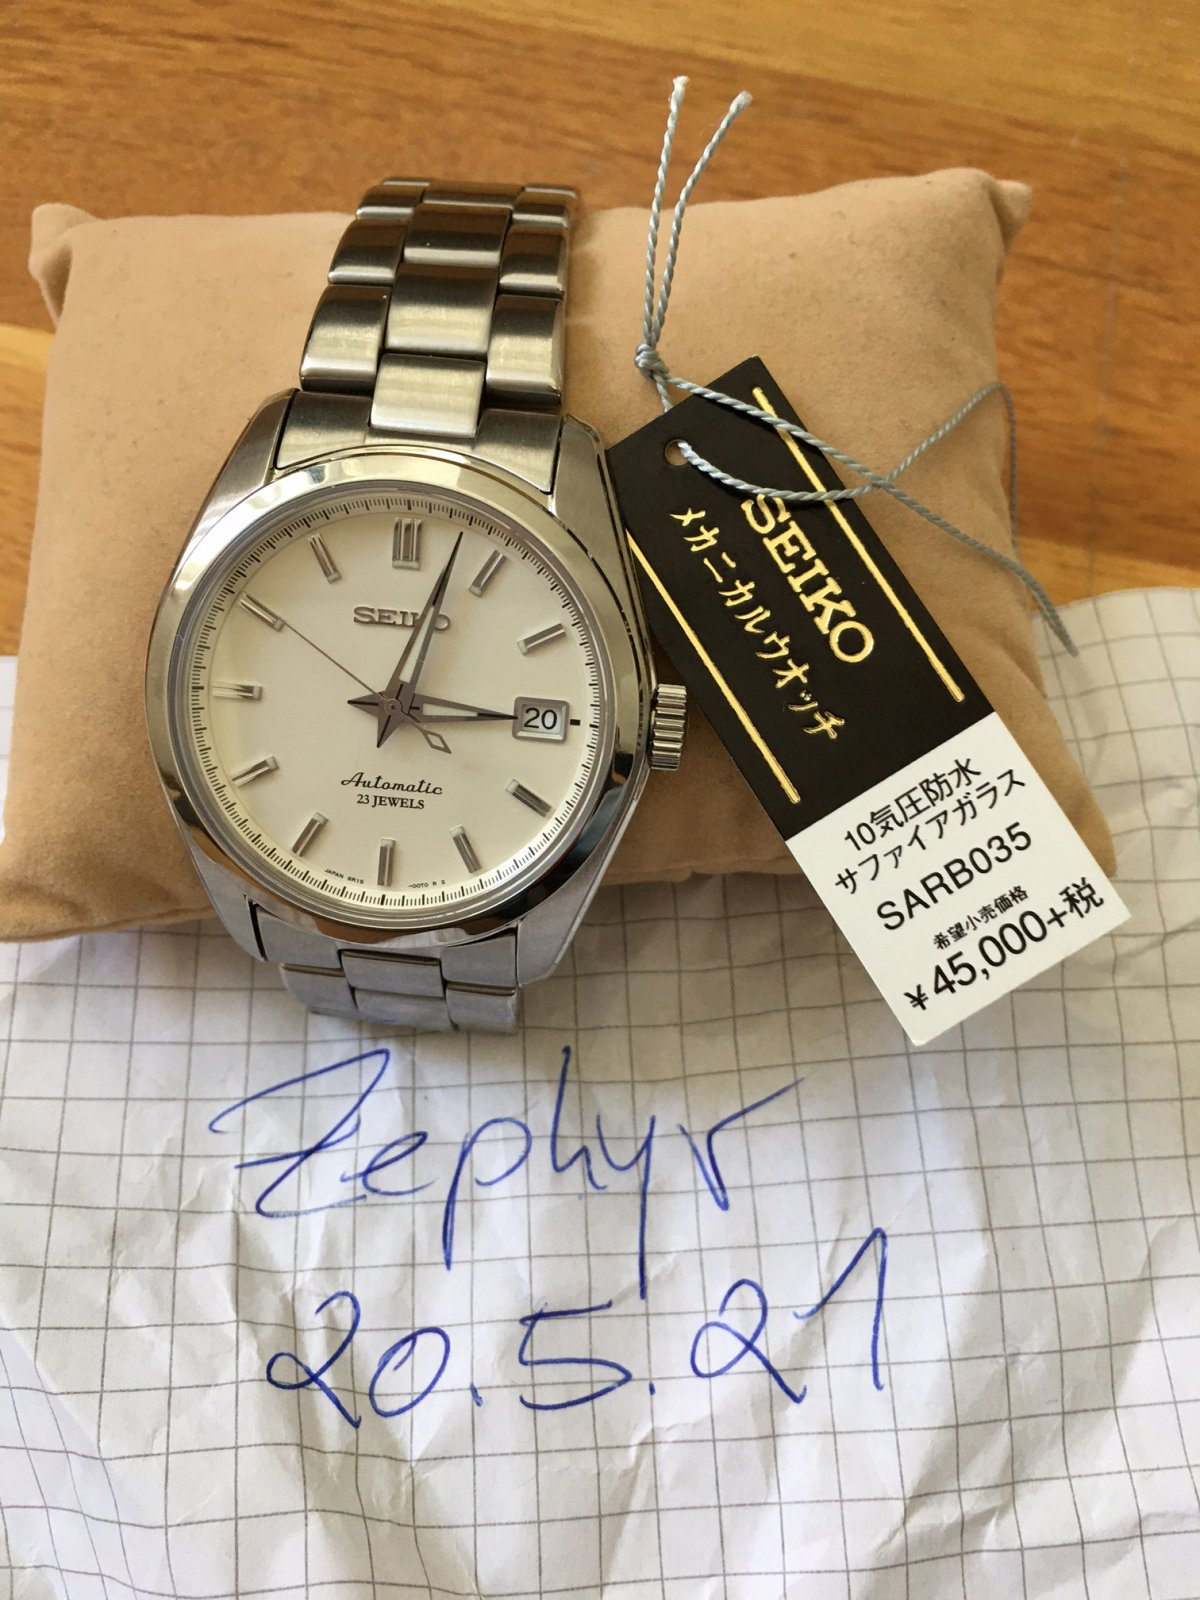 Sarb035-Signature.JPG